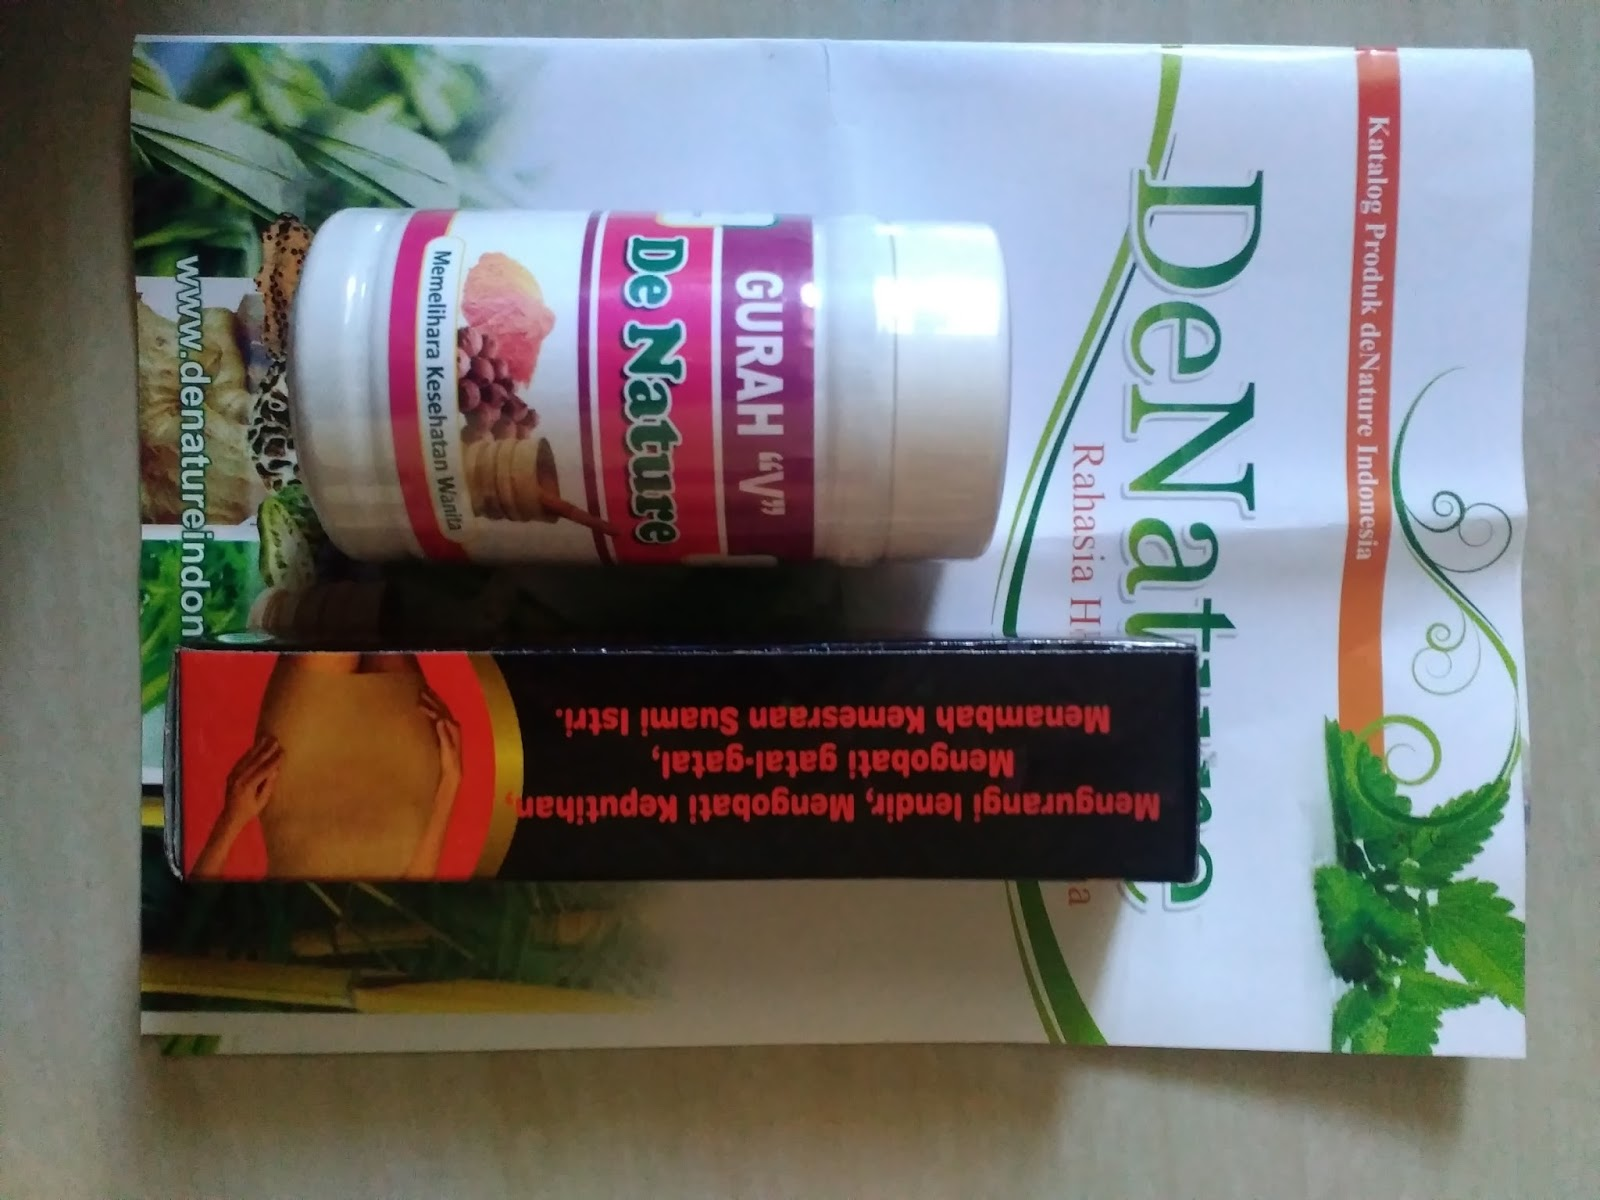 obat herbal keputihan berbau busuk